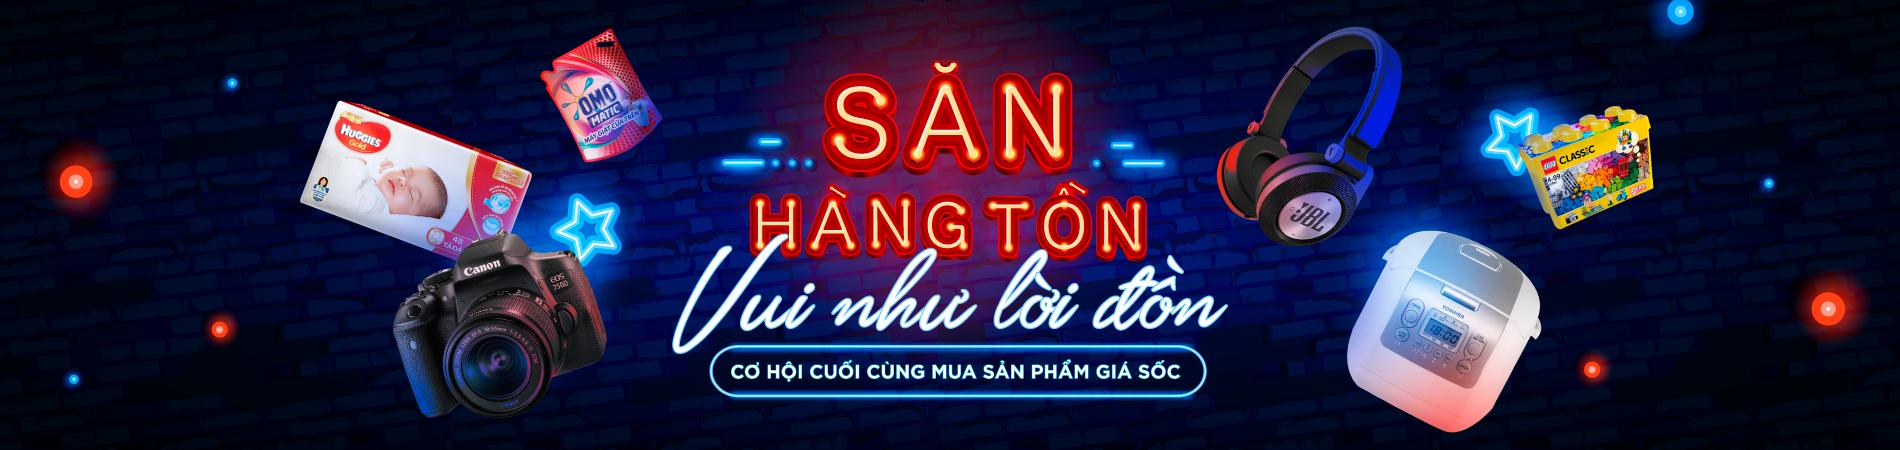 mua-hang-tiki-san-hang-ton-kho